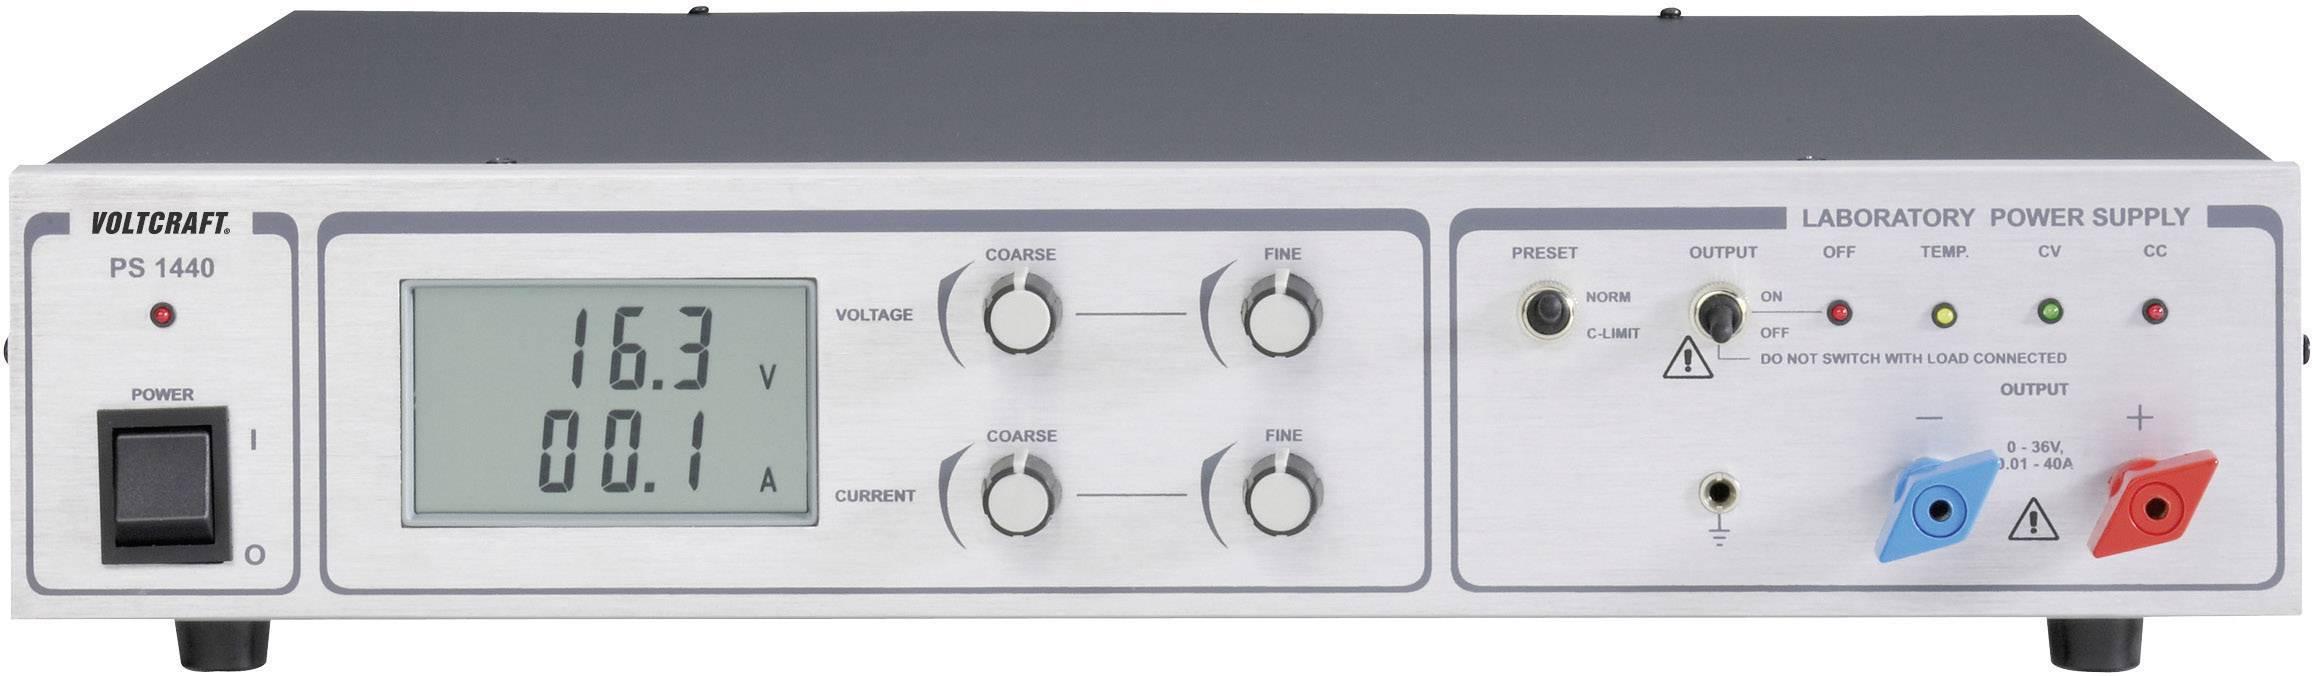 Nastaviteľný laboratórny zdroj Voltcraft PS-1440, 0 - 36 VDC, 0 - 40 A